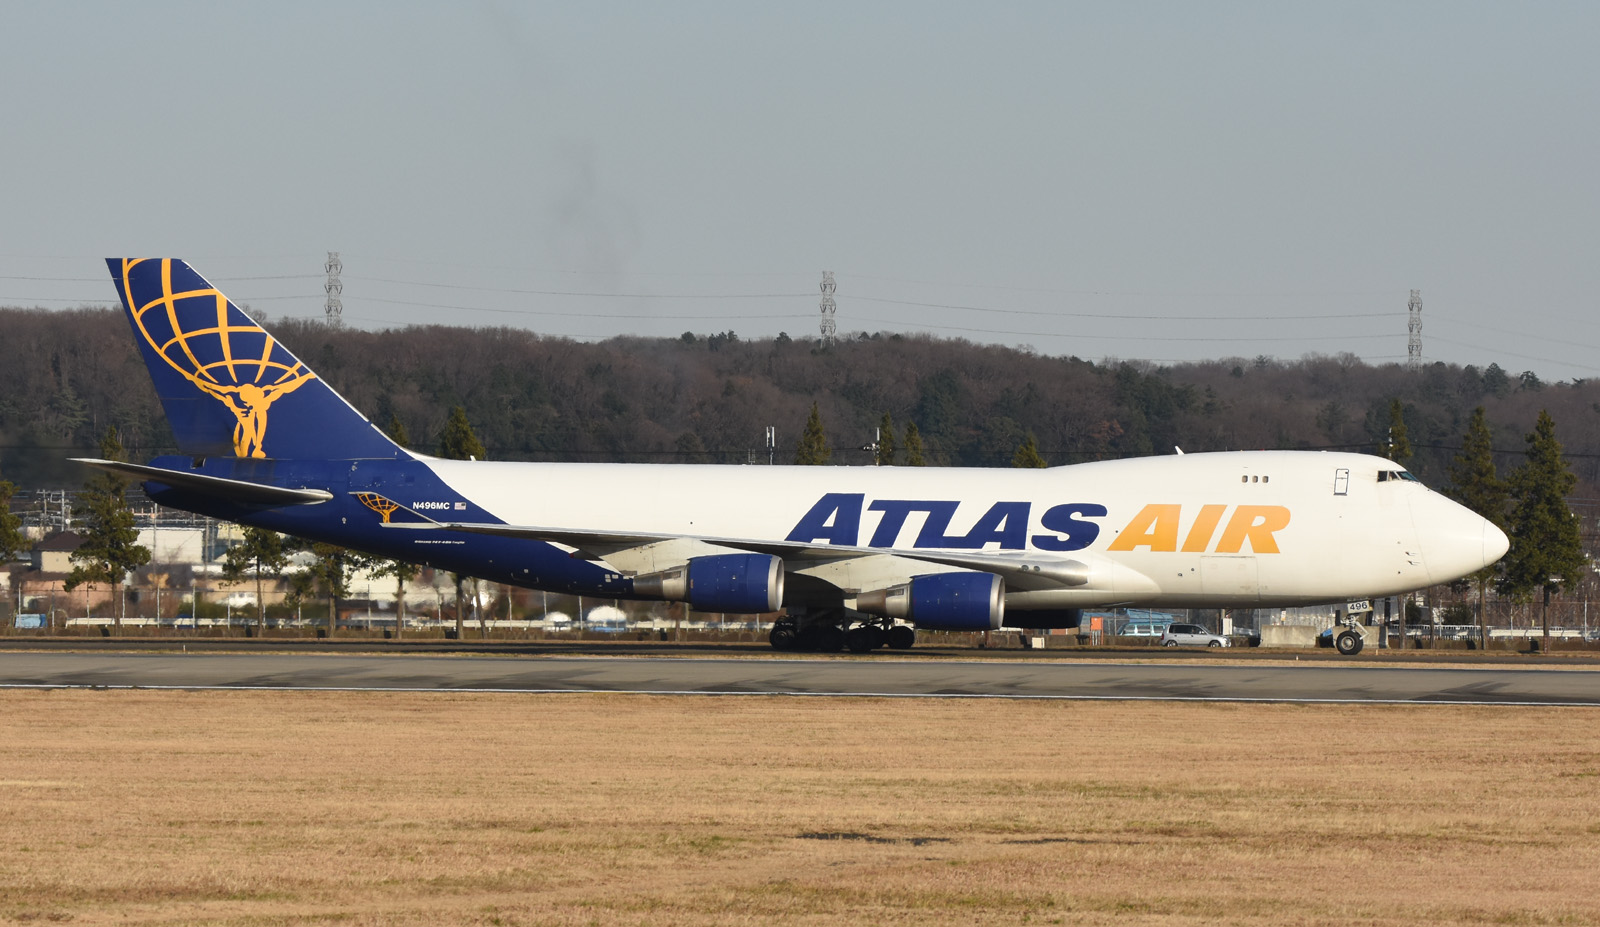 Atlas151228g288